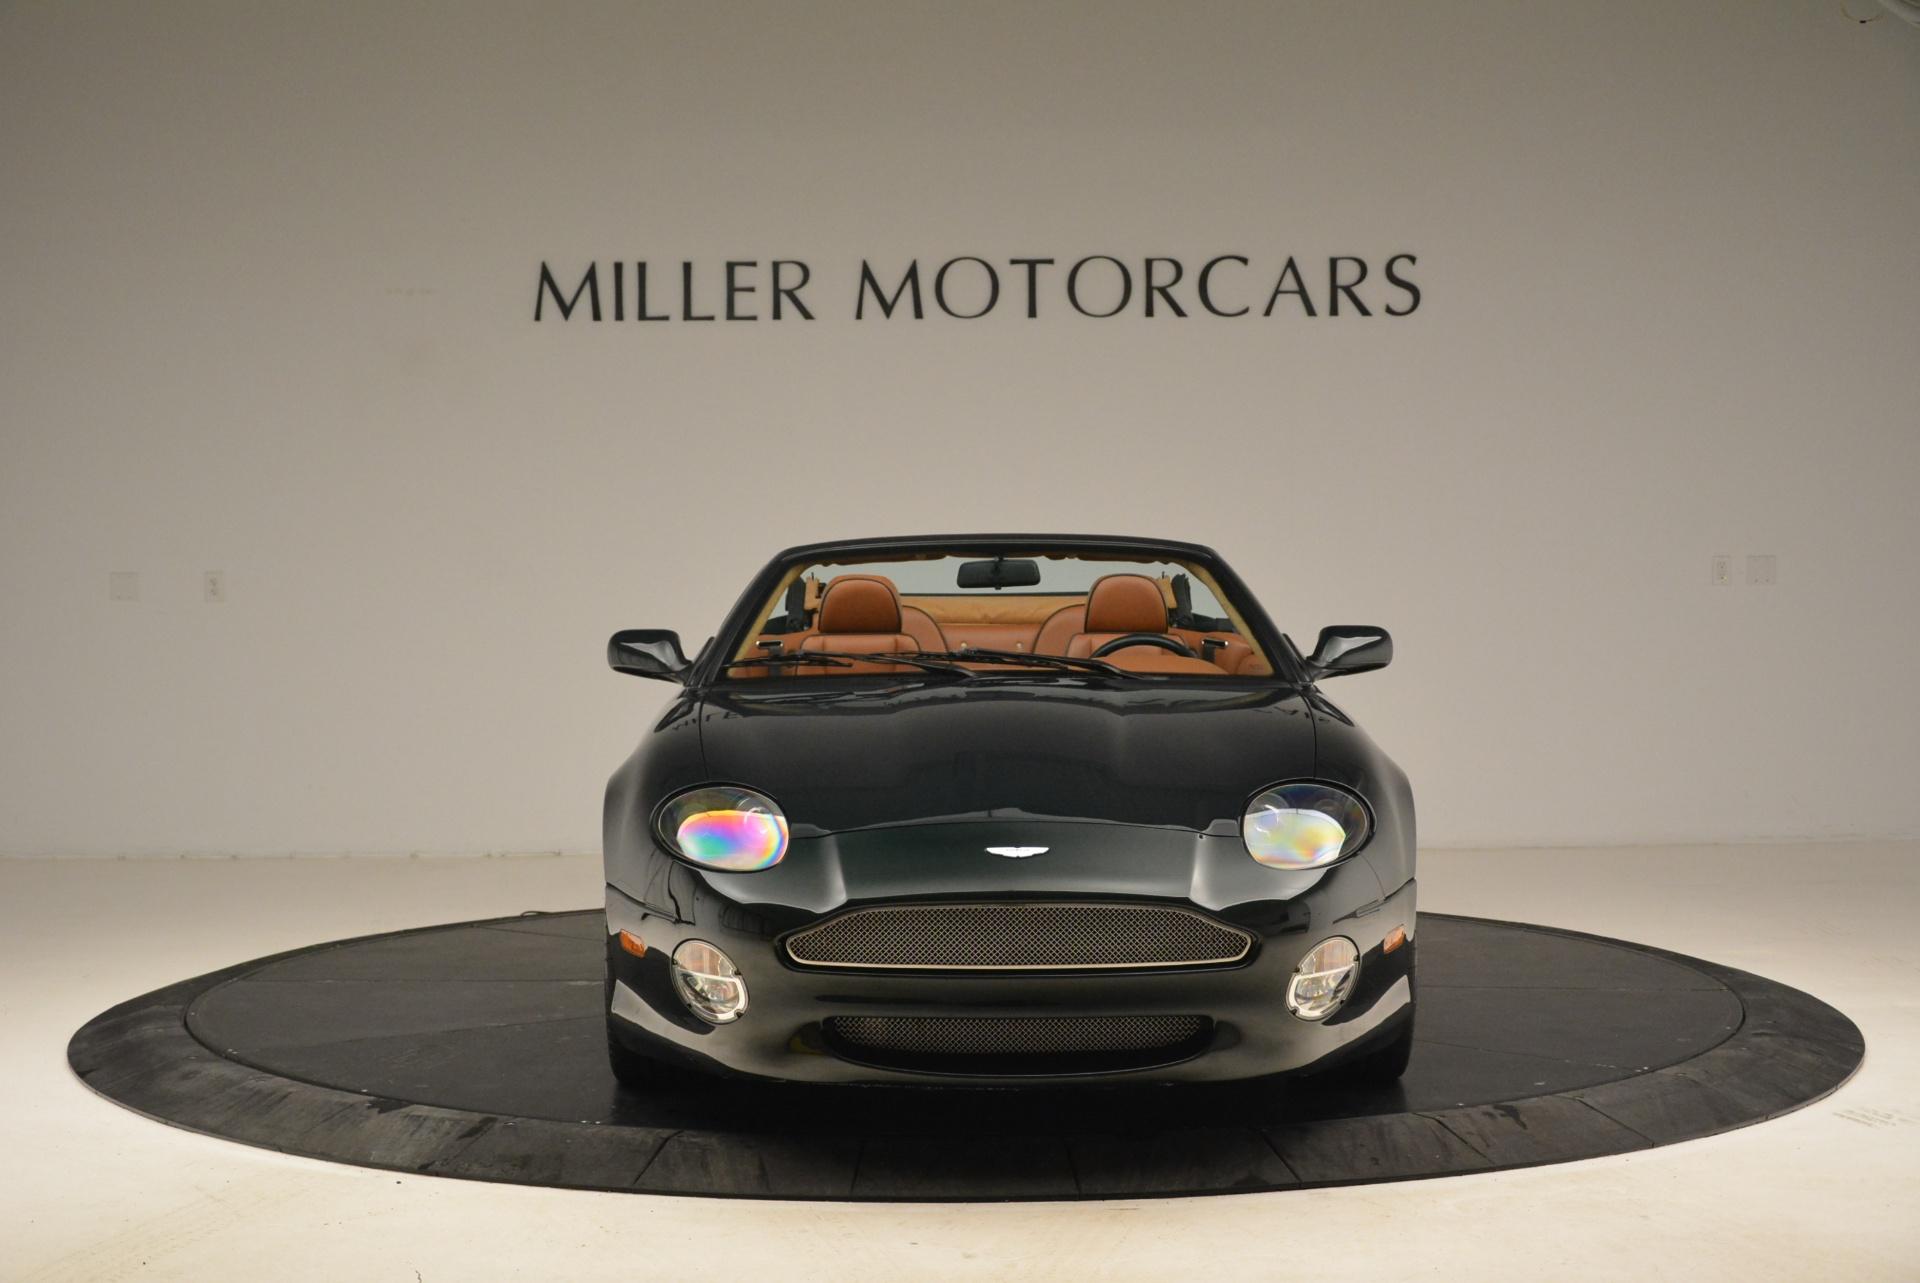 Used 2003 Aston Martin DB7 Vantage Volante For Sale In Greenwich, CT. Alfa Romeo of Greenwich, 7307 2084_p12